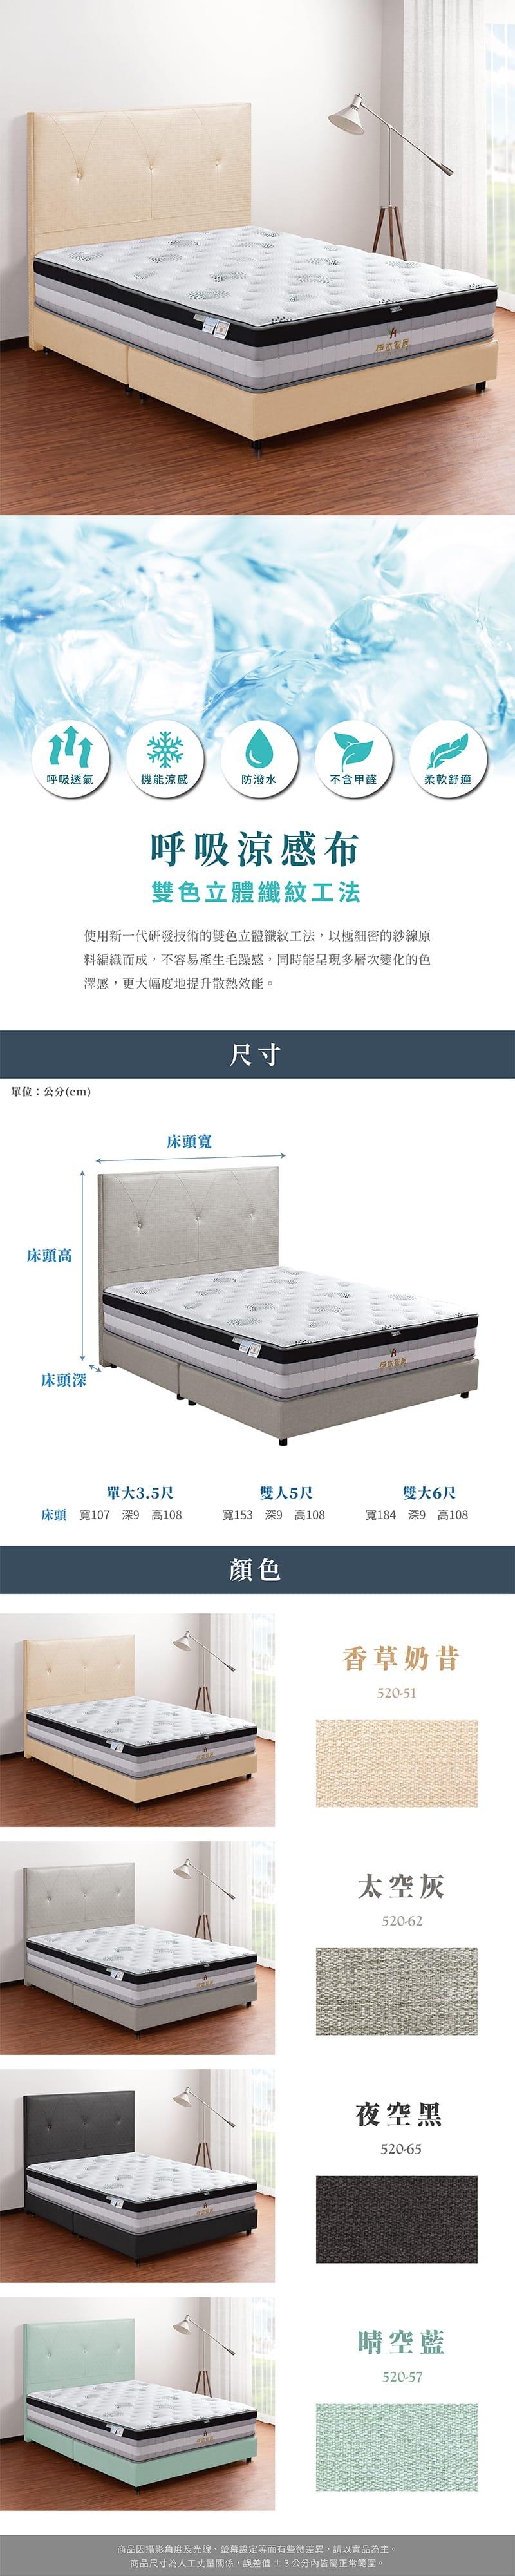 傑森 涼感布床頭片 單人加大3.5尺